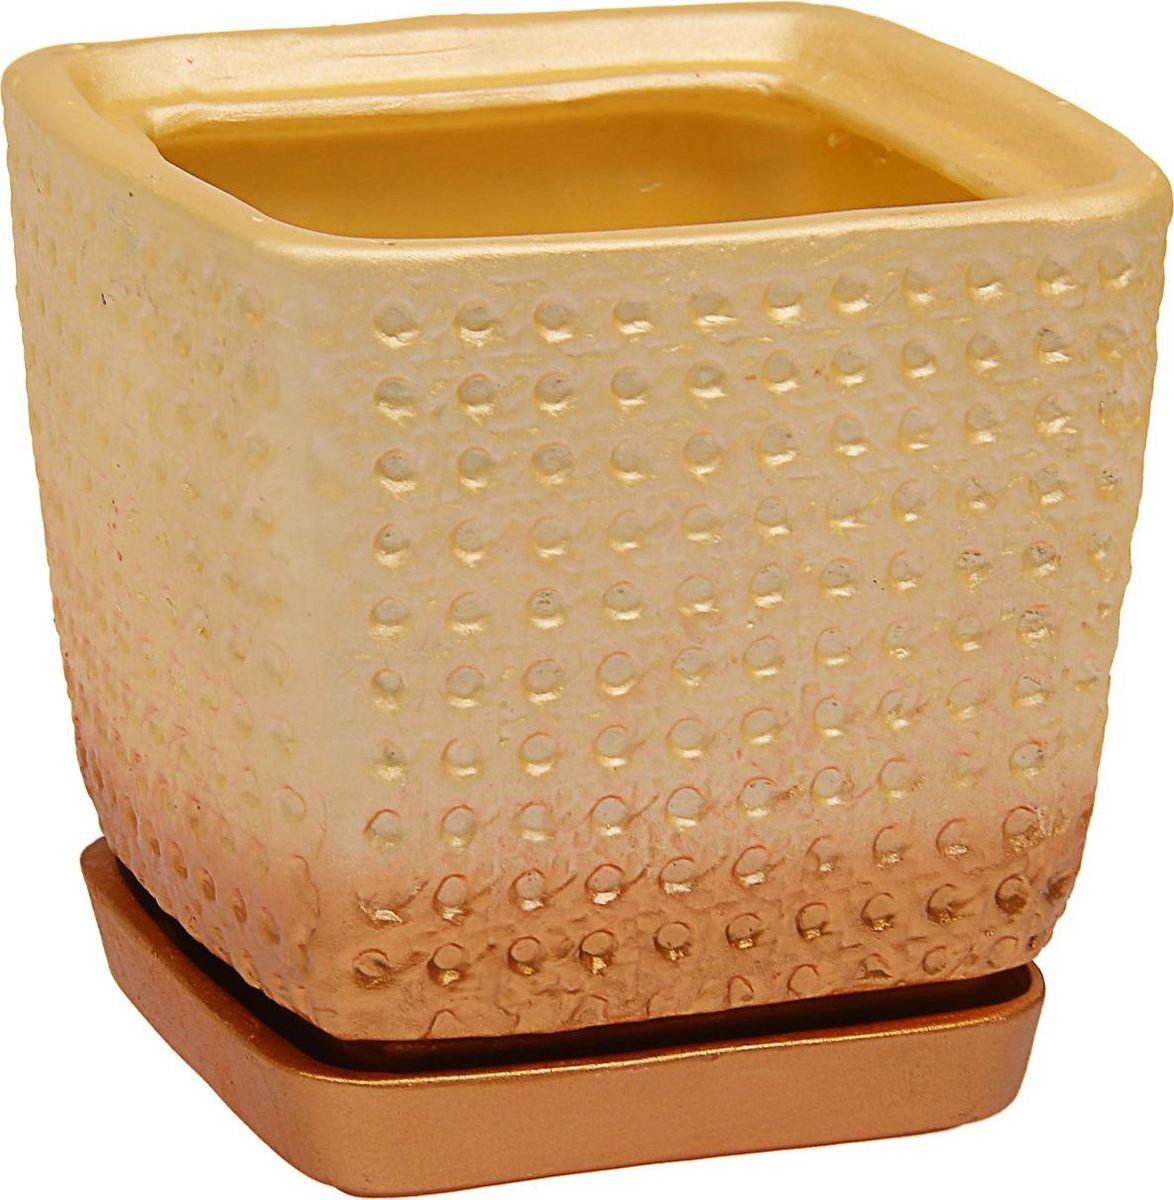 Кашпо Керамика ручной работы Квадрат, цвет: слоновая кость, 2 л1465281Комнатные растения — всеобщие любимцы. Они радуют глаз, насыщают помещение кислородом и украшают пространство. Каждому из них необходим свой удобный и красивый дом. Кашпо из керамики прекрасно подходят для высадки растений: за счёт пластичности глины и разных способов обработки существует великое множество форм и дизайновпористый материал позволяет испаряться лишней влагевоздух, необходимый для дыхания корней, проникает сквозь керамические стенки! #name# позаботится о зелёном питомце, освежит интерьер и подчеркнёт его стиль.